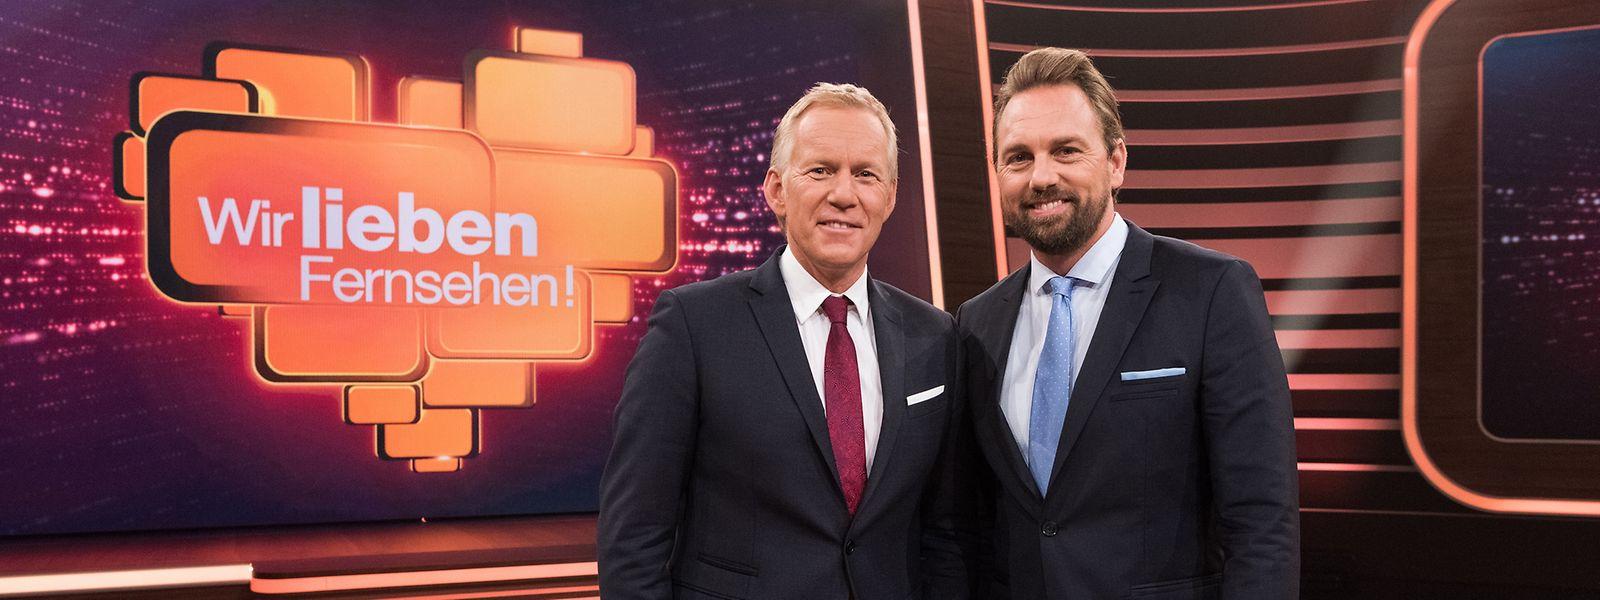 """Johannes B. Kerner (l.) und Steven Gätjen moderieren """"Wir lieben Fernsehen!""""."""